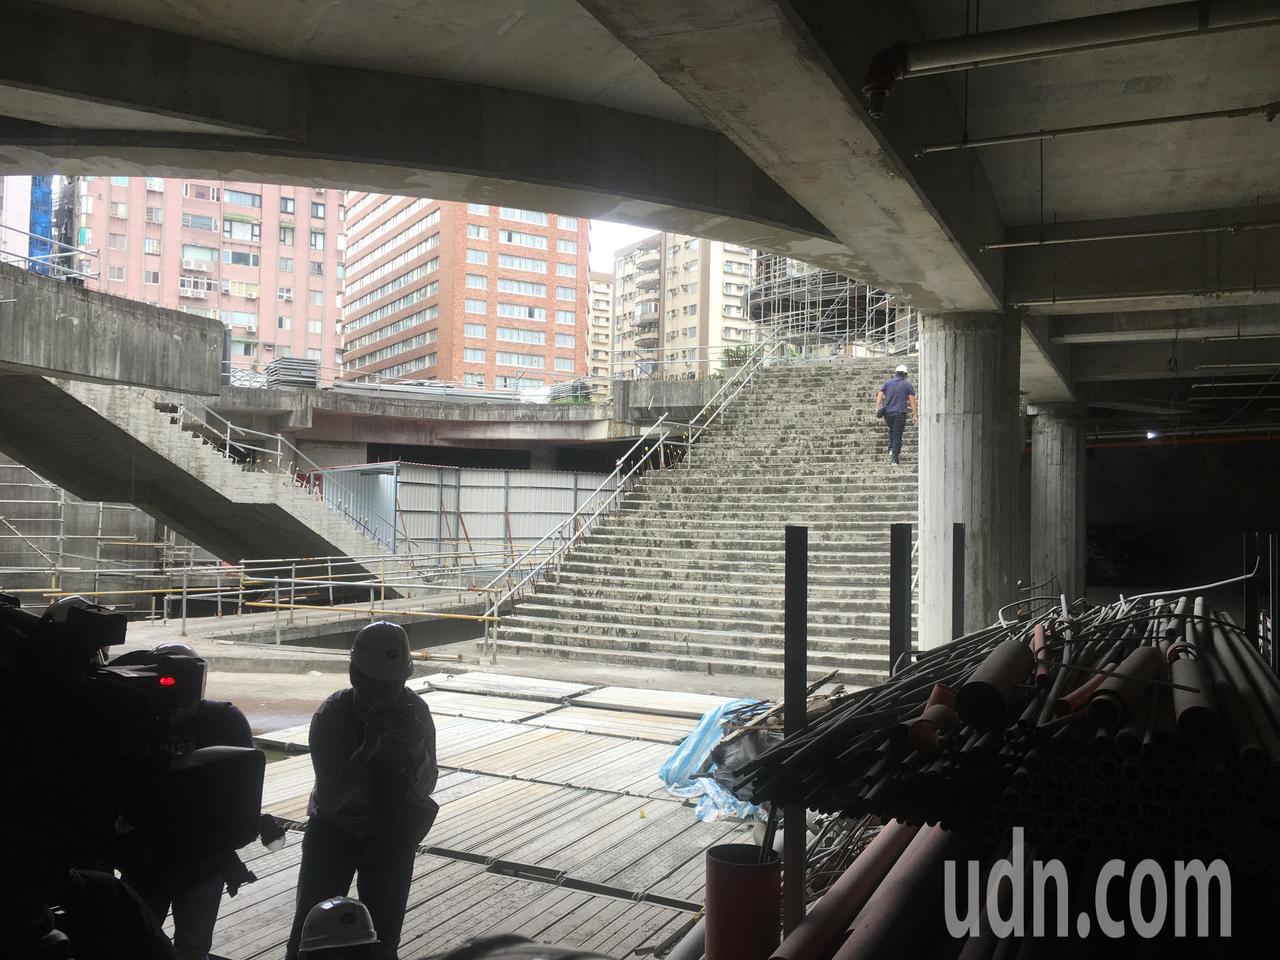 大巨蛋紛擾不斷,昨天第七度進入台北市都市設計審議會闖關成功,台北市議會教育委員會...